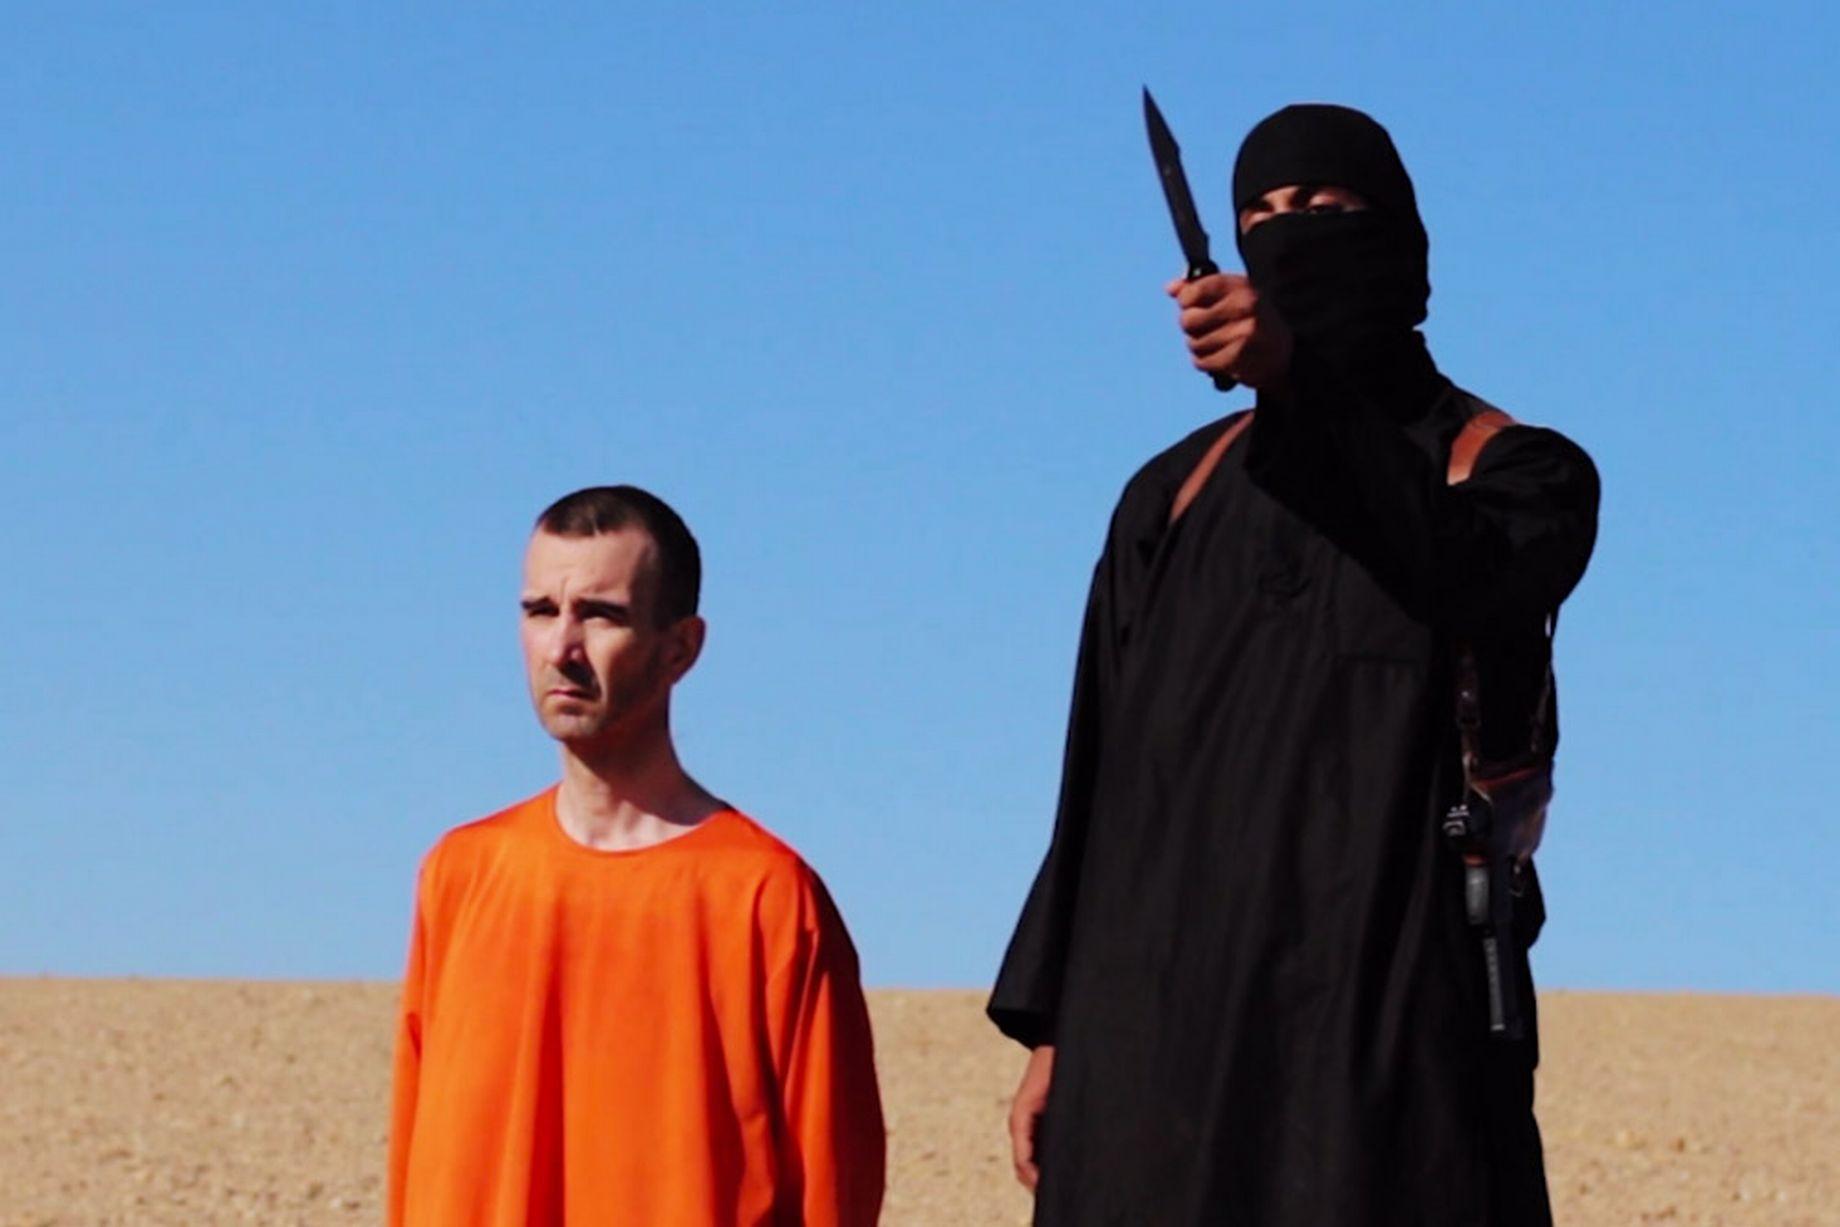 Террористы и журналистка порно смотреть онлайн 24 фотография